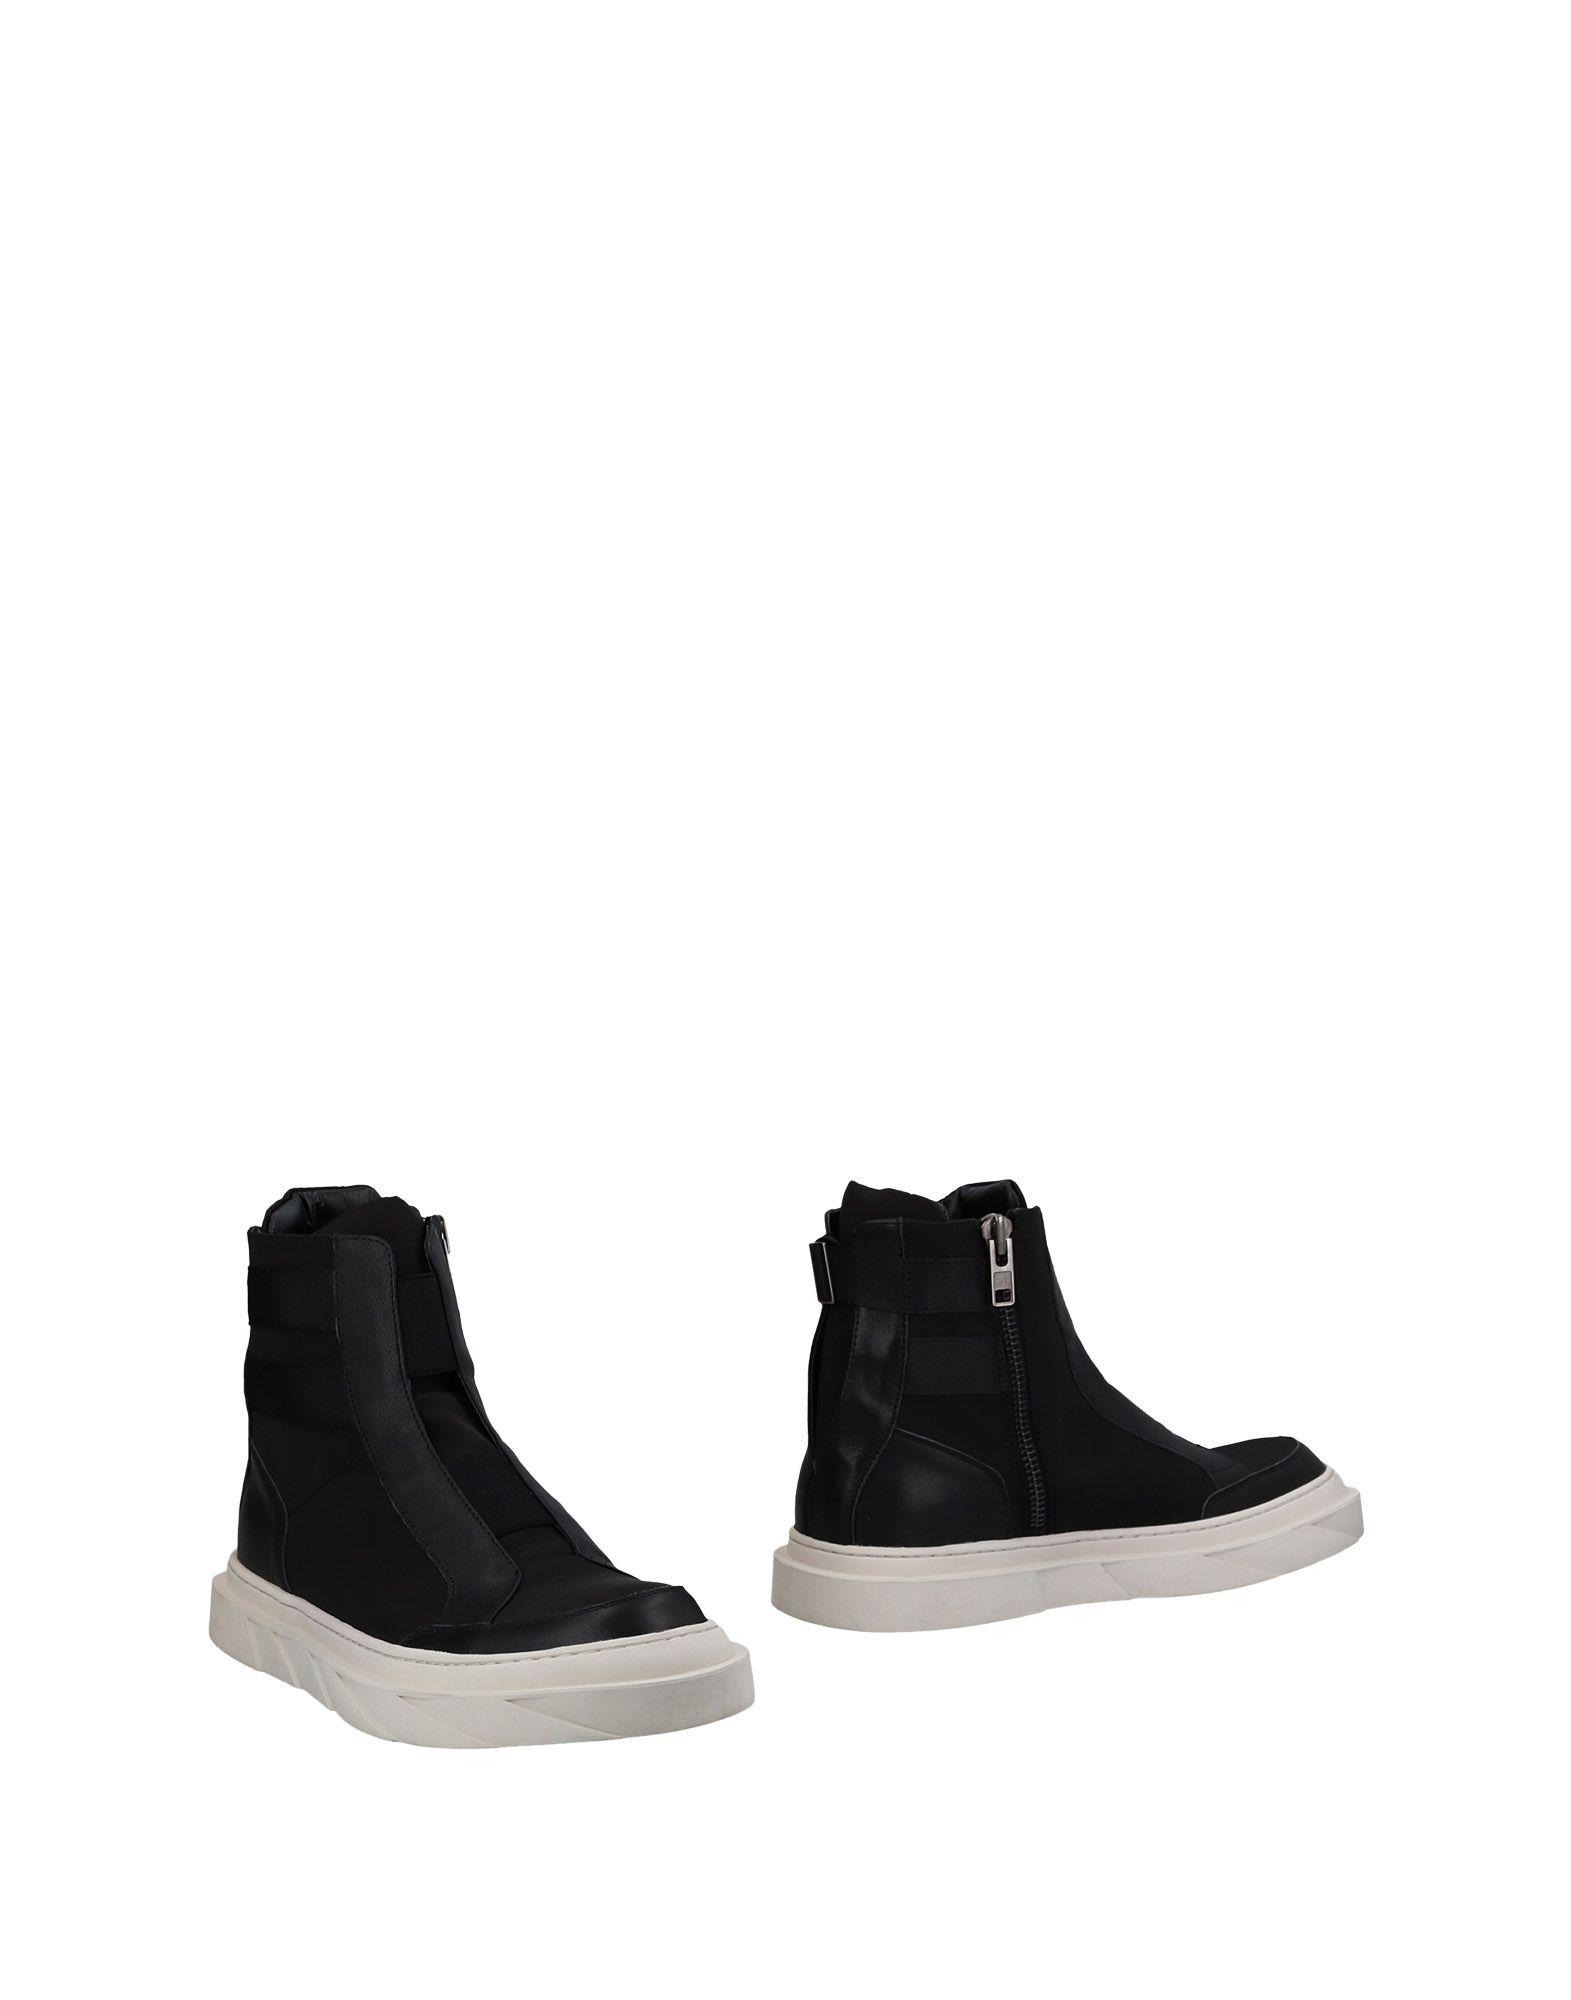 Dbyd X Yoox Stiefelette Herren  11483962XU Gute Qualität beliebte Schuhe